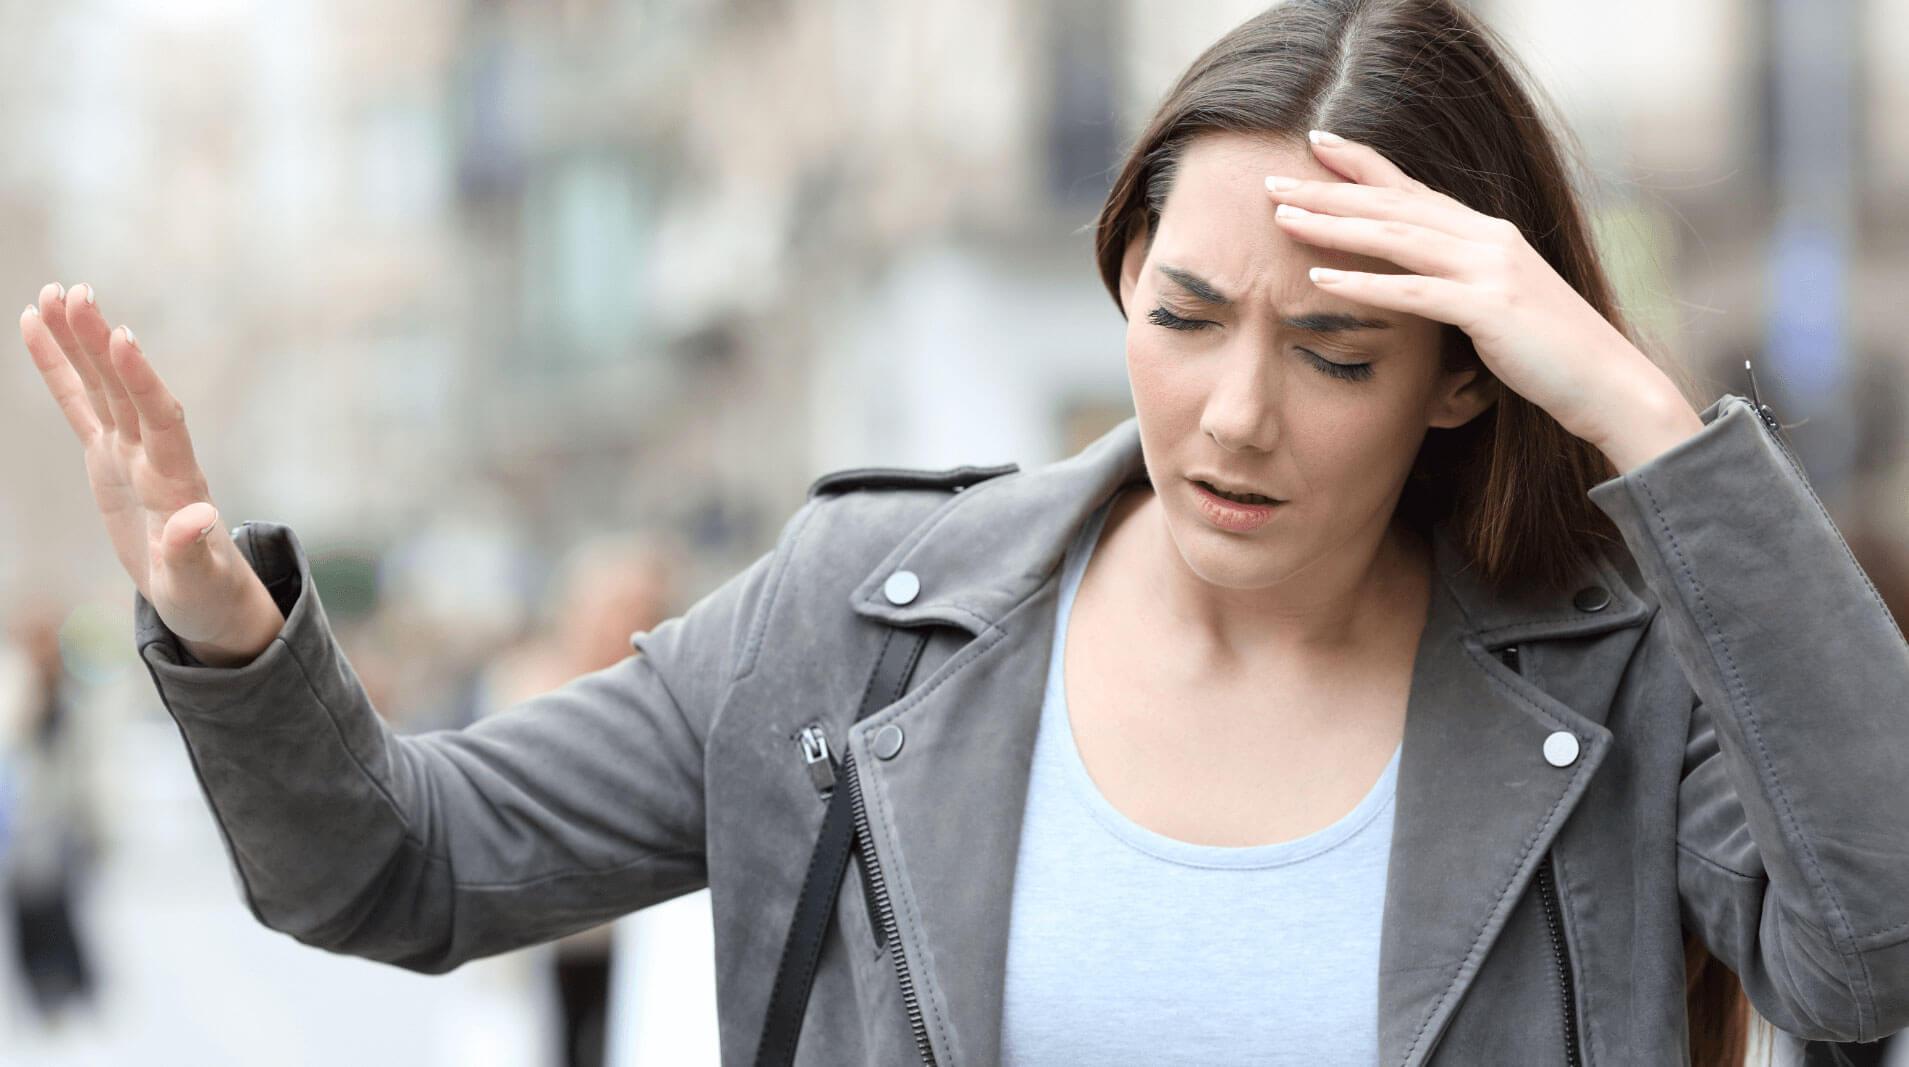 Hipotensão Postural: Você Já Sentiu Tonturas ao Levantar-se?